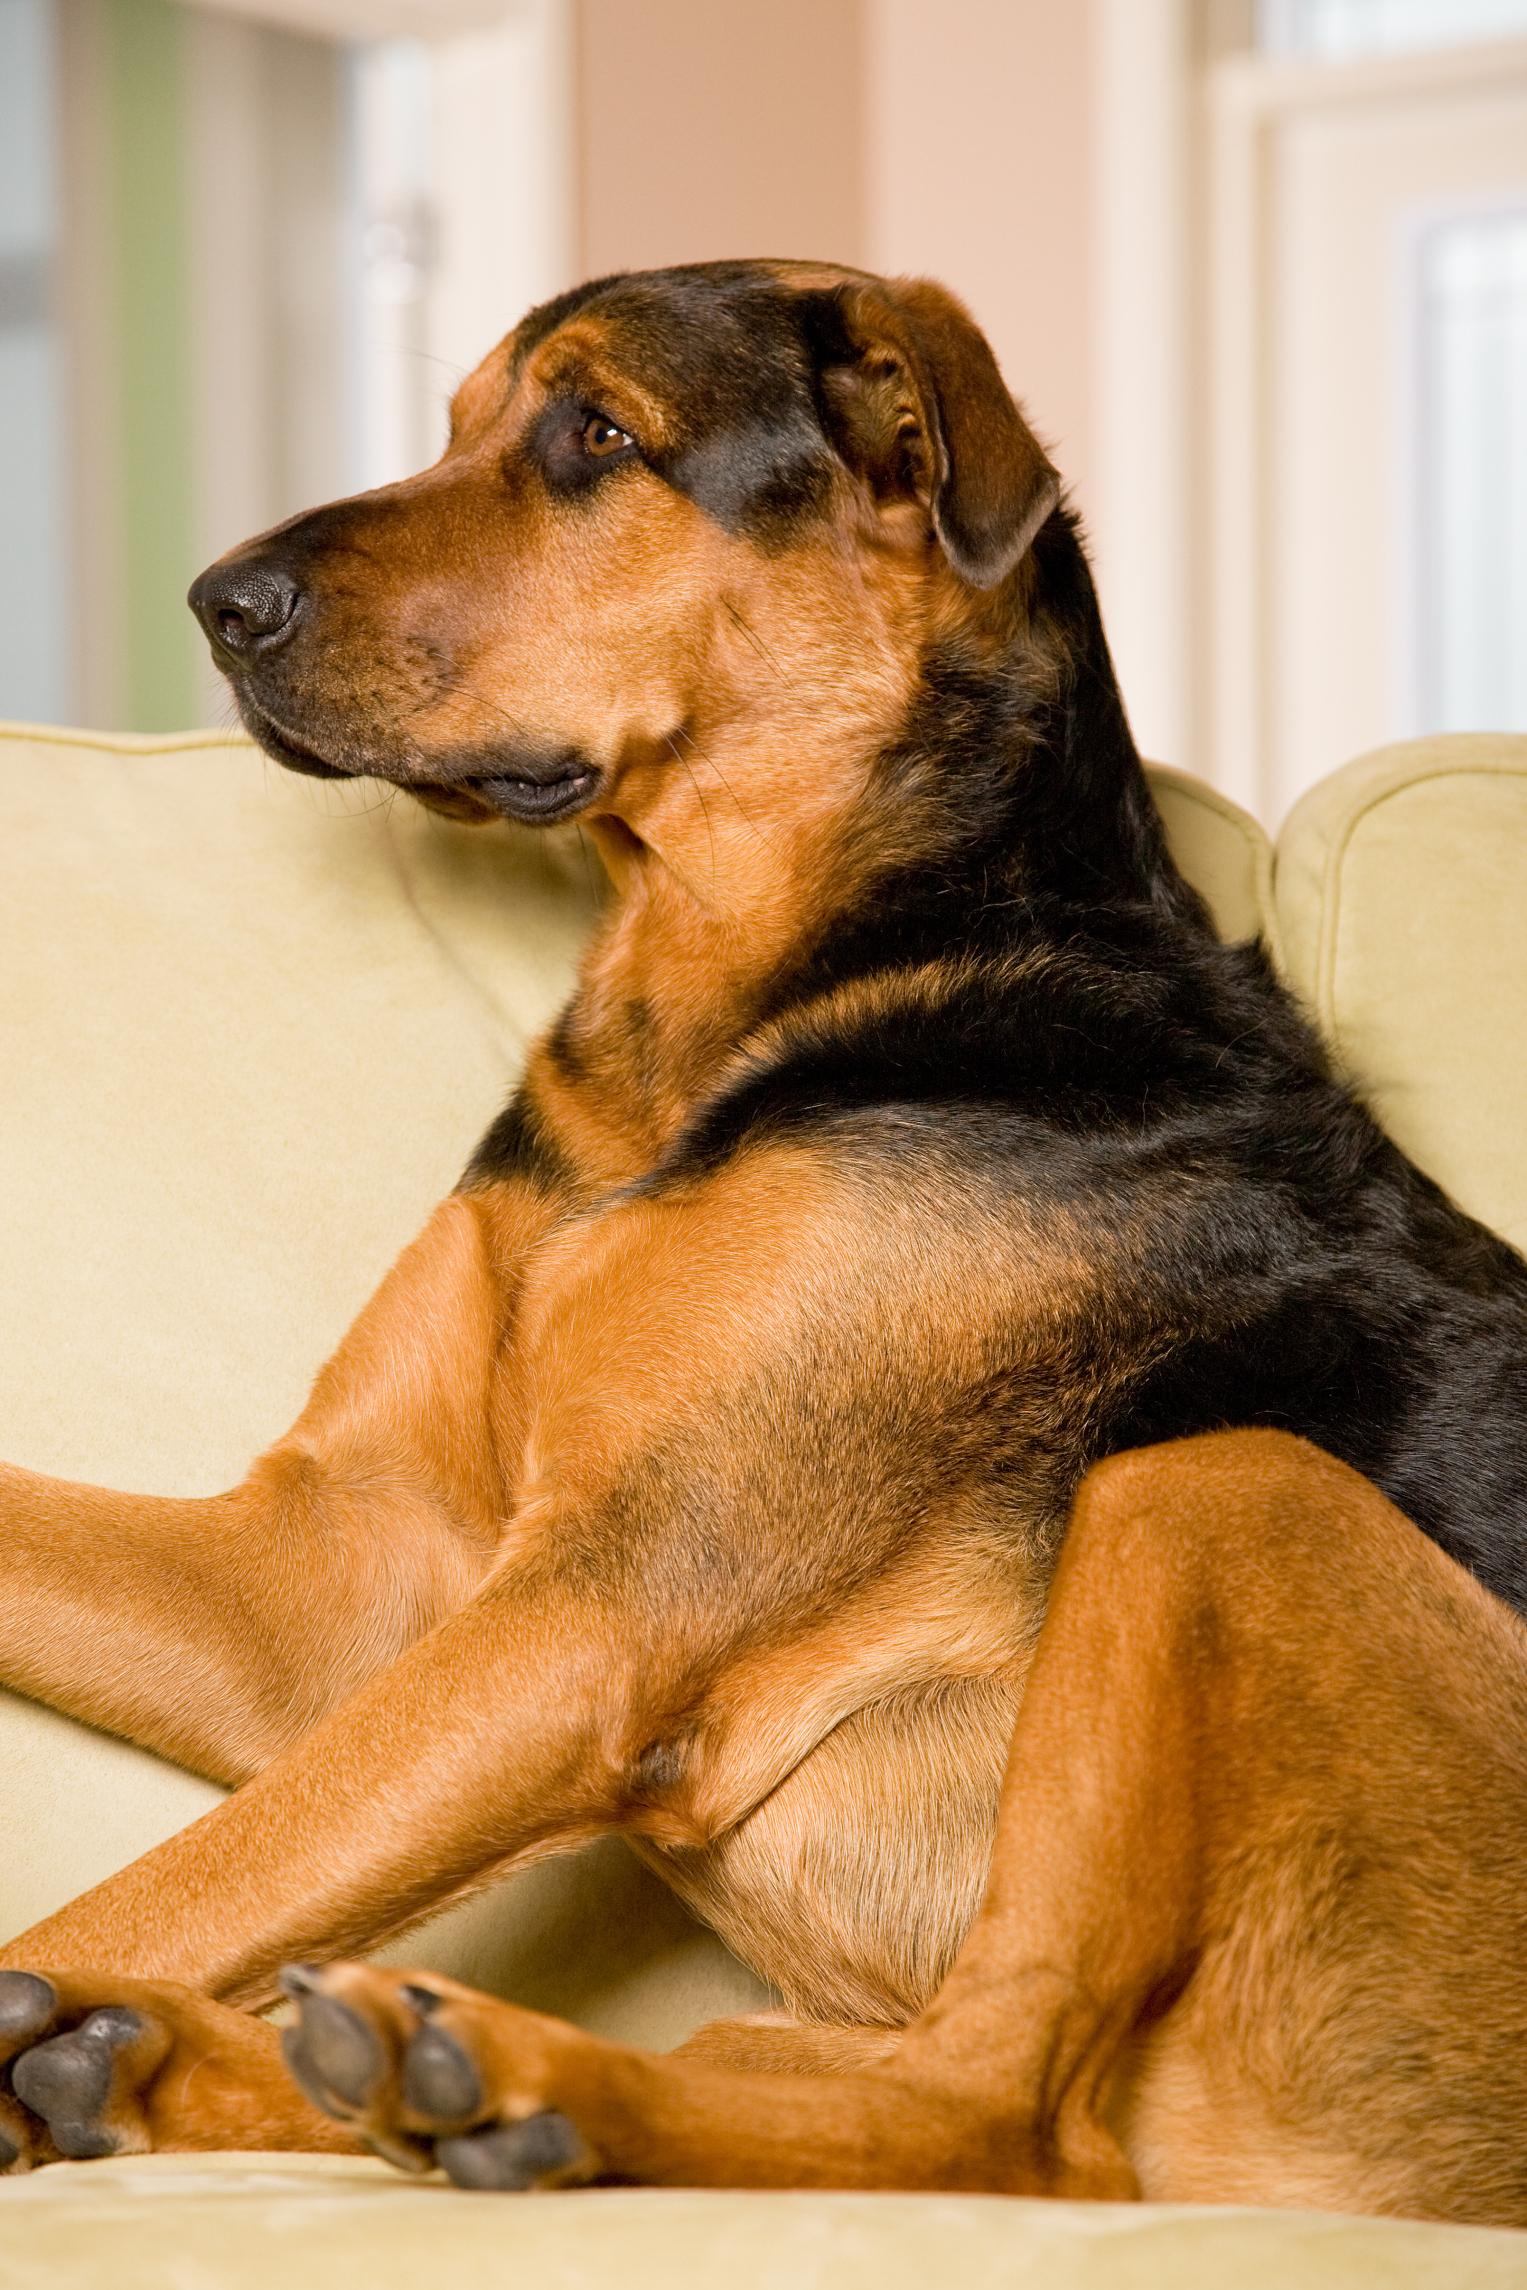 Regalos de condolencias para el dueño de un perro que ha muerto  